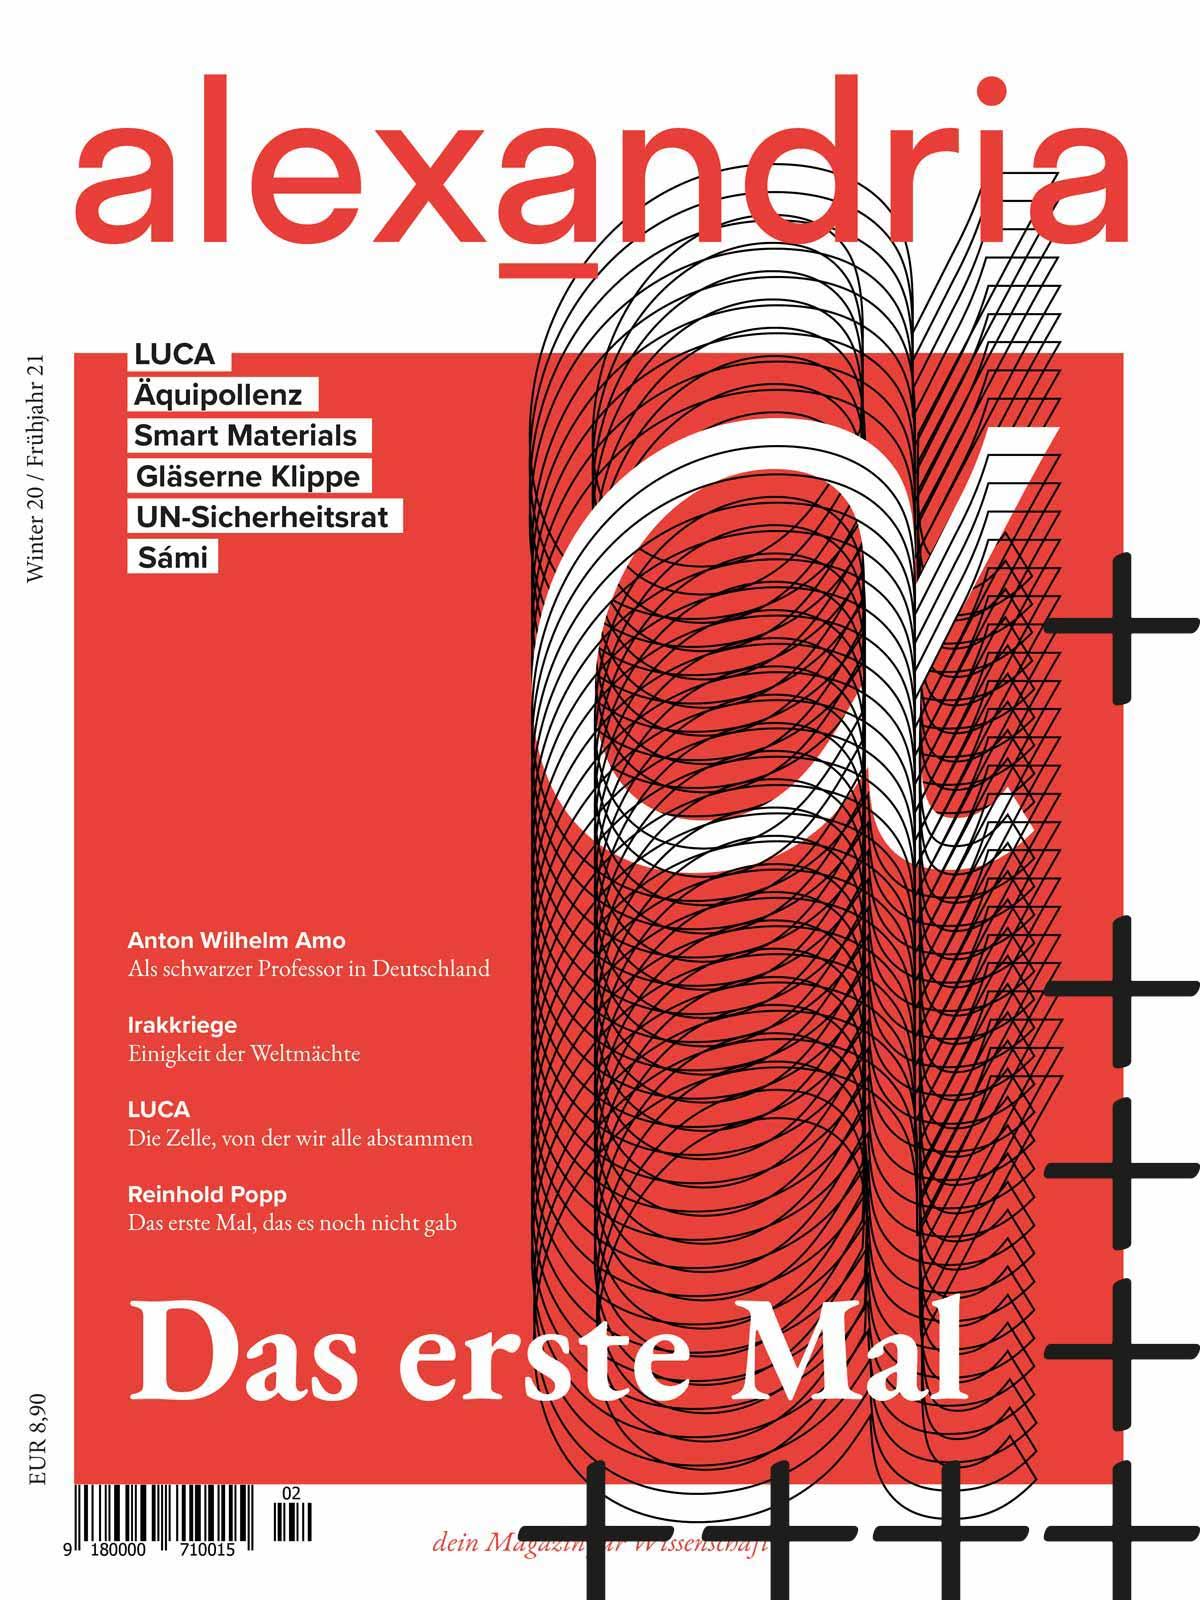 Magazin Das erste Mal + von alexandria